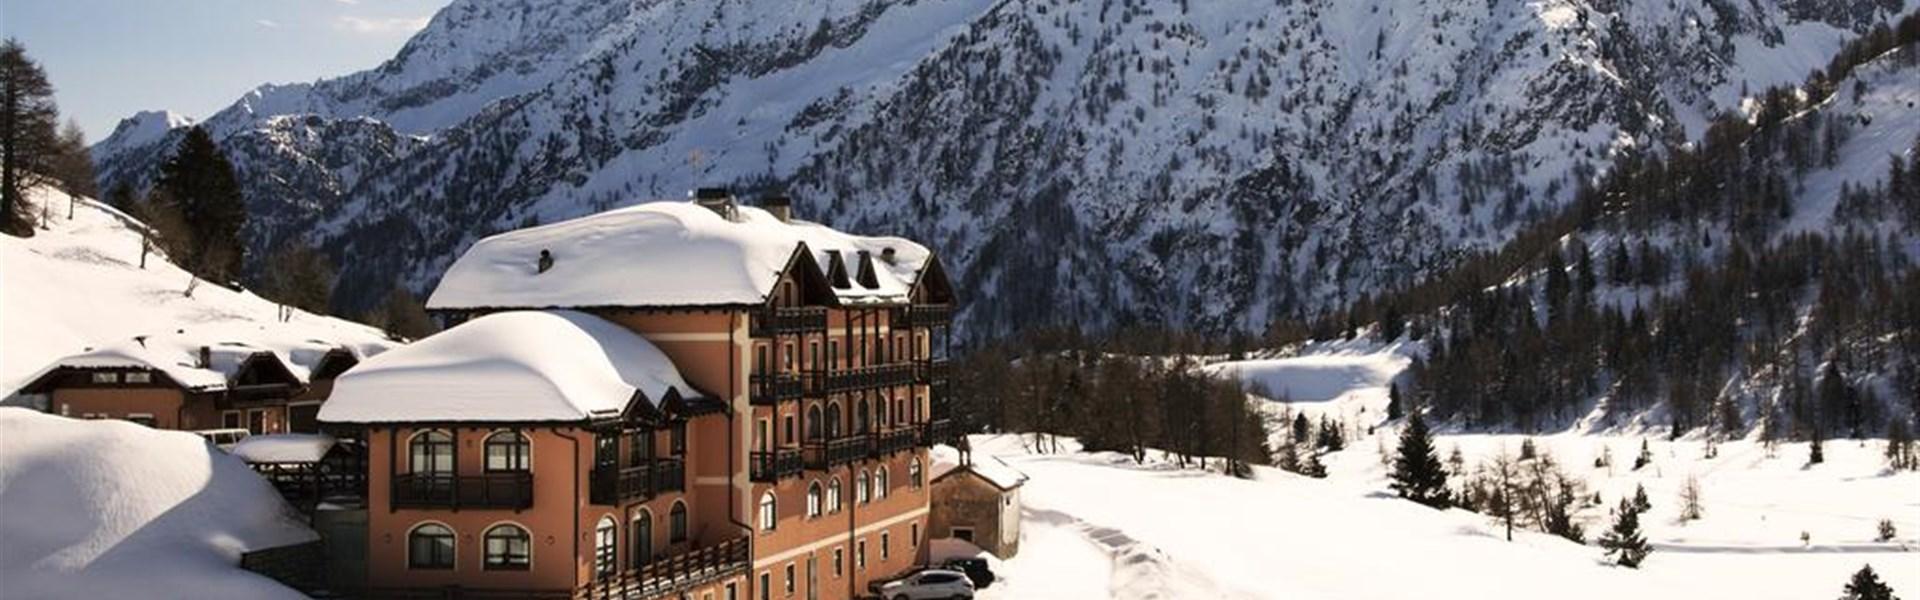 Hotel Locanda Locatori -